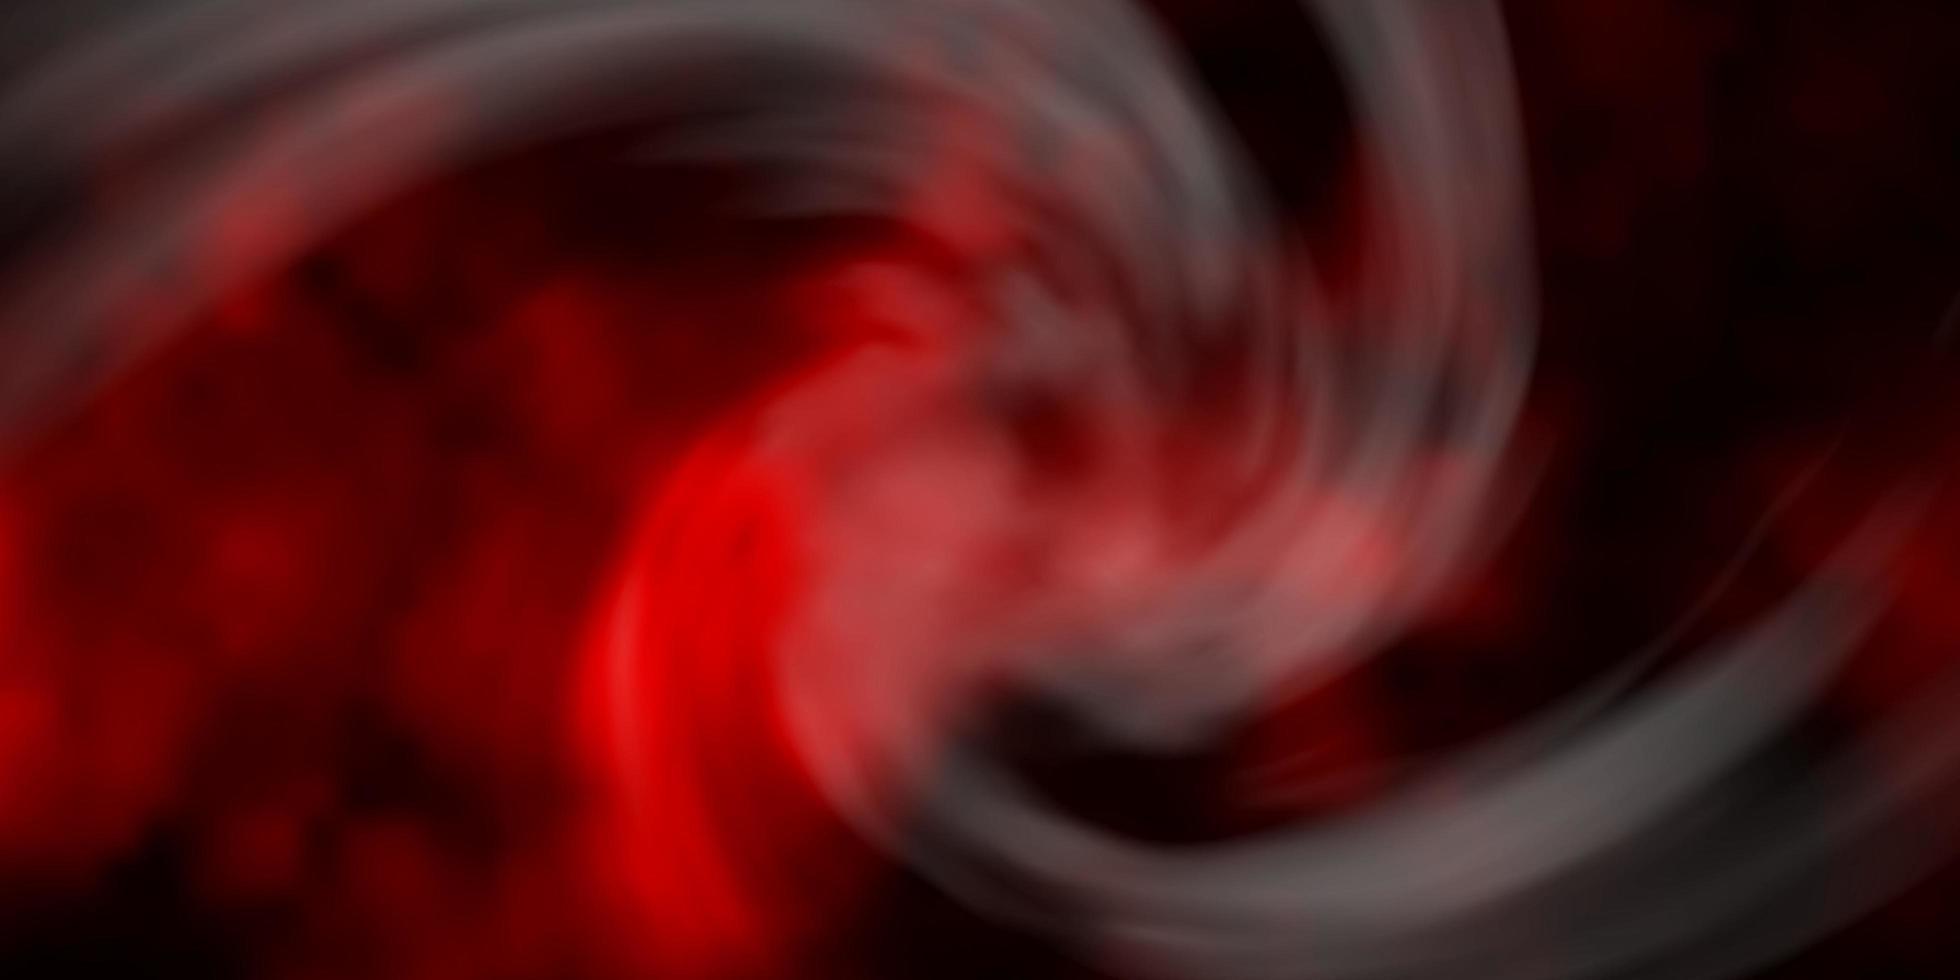 modelo de vetor vermelho escuro com céu, nuvens.